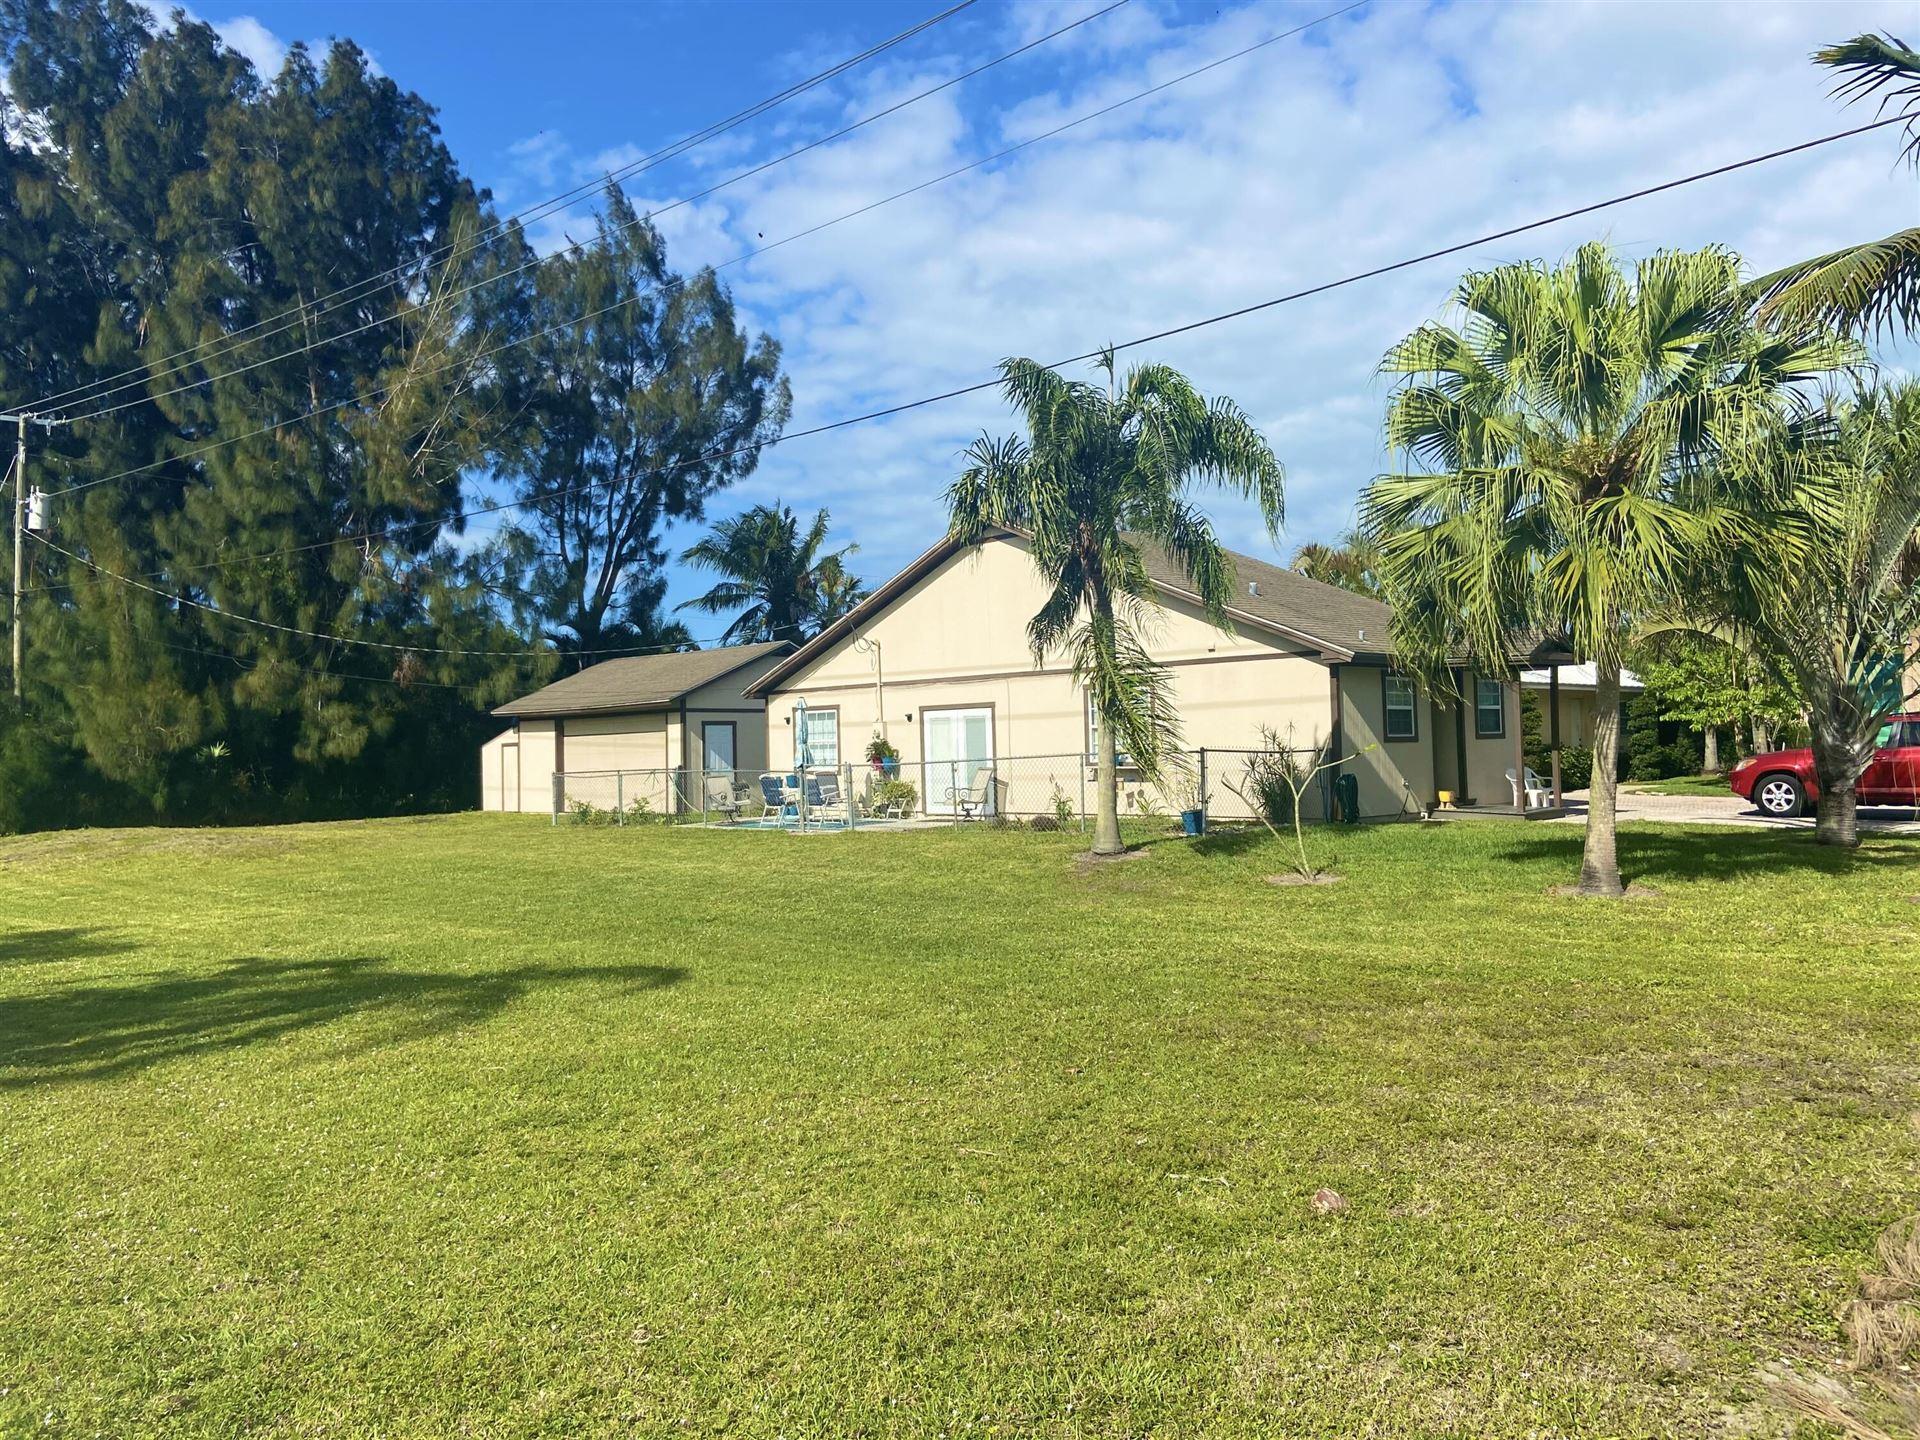 3267 SE Iris Street, Stuart, FL 34997 - #: RX-10703003